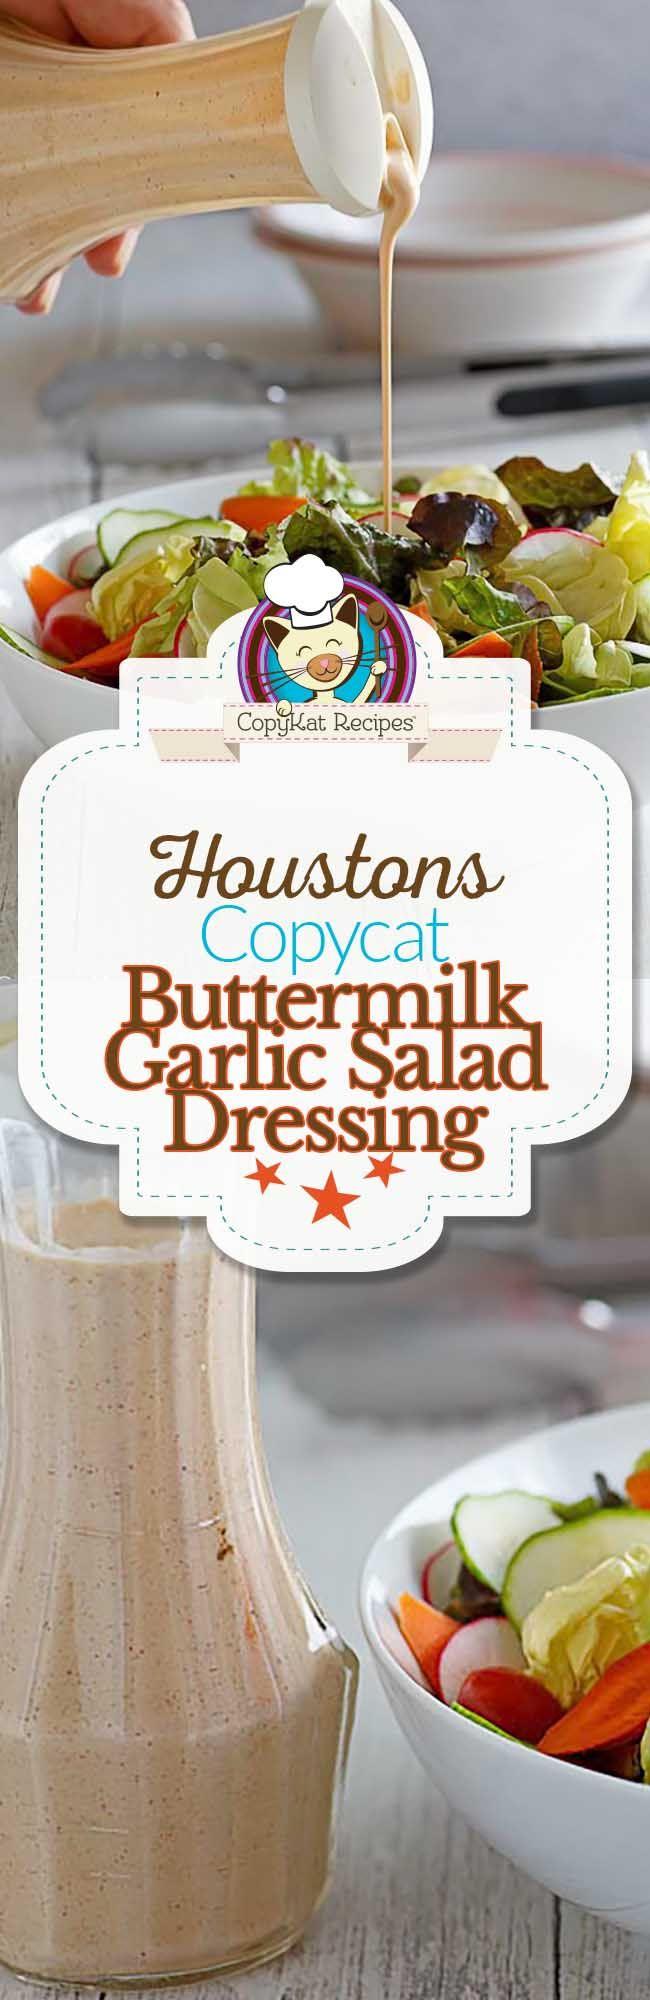 Houston S Buttermilk Garlic Salad Dressing Recipe Food Recipes Copykat Recipes Copycat Recipes